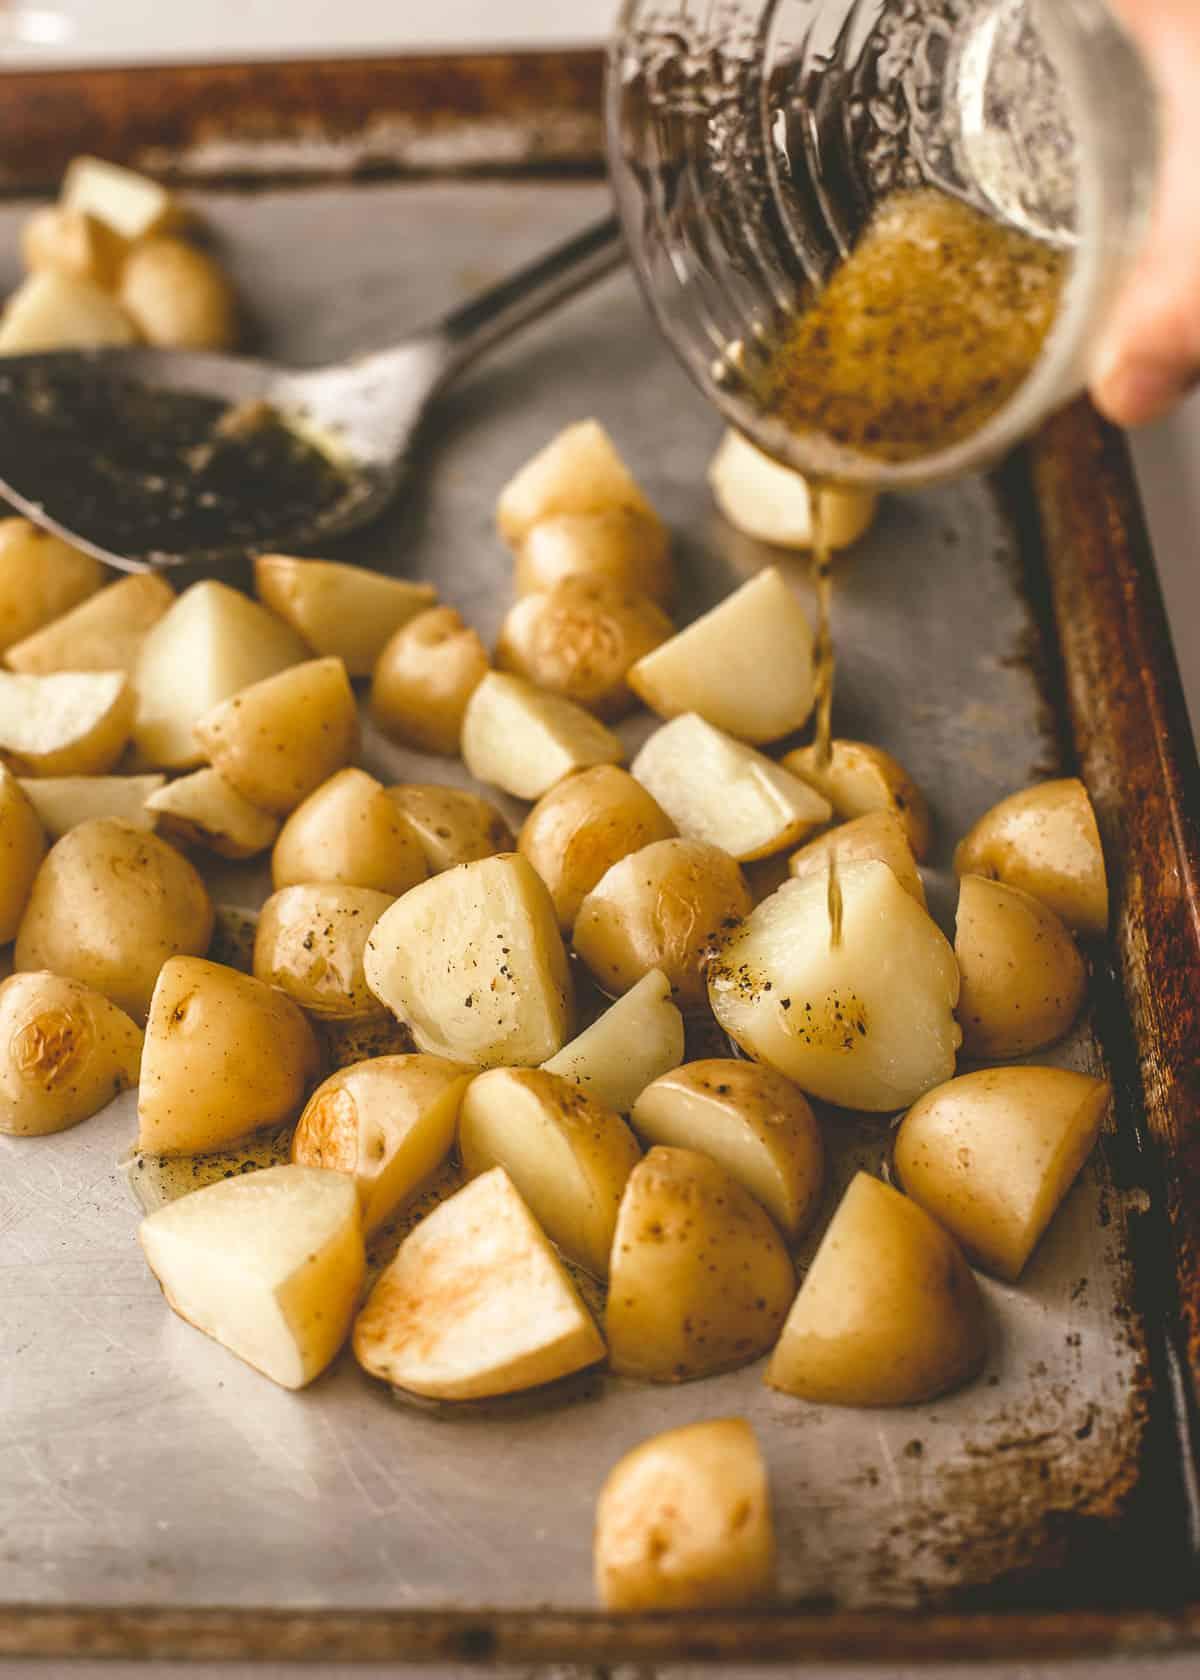 adding seasoning mix to cut potatoes